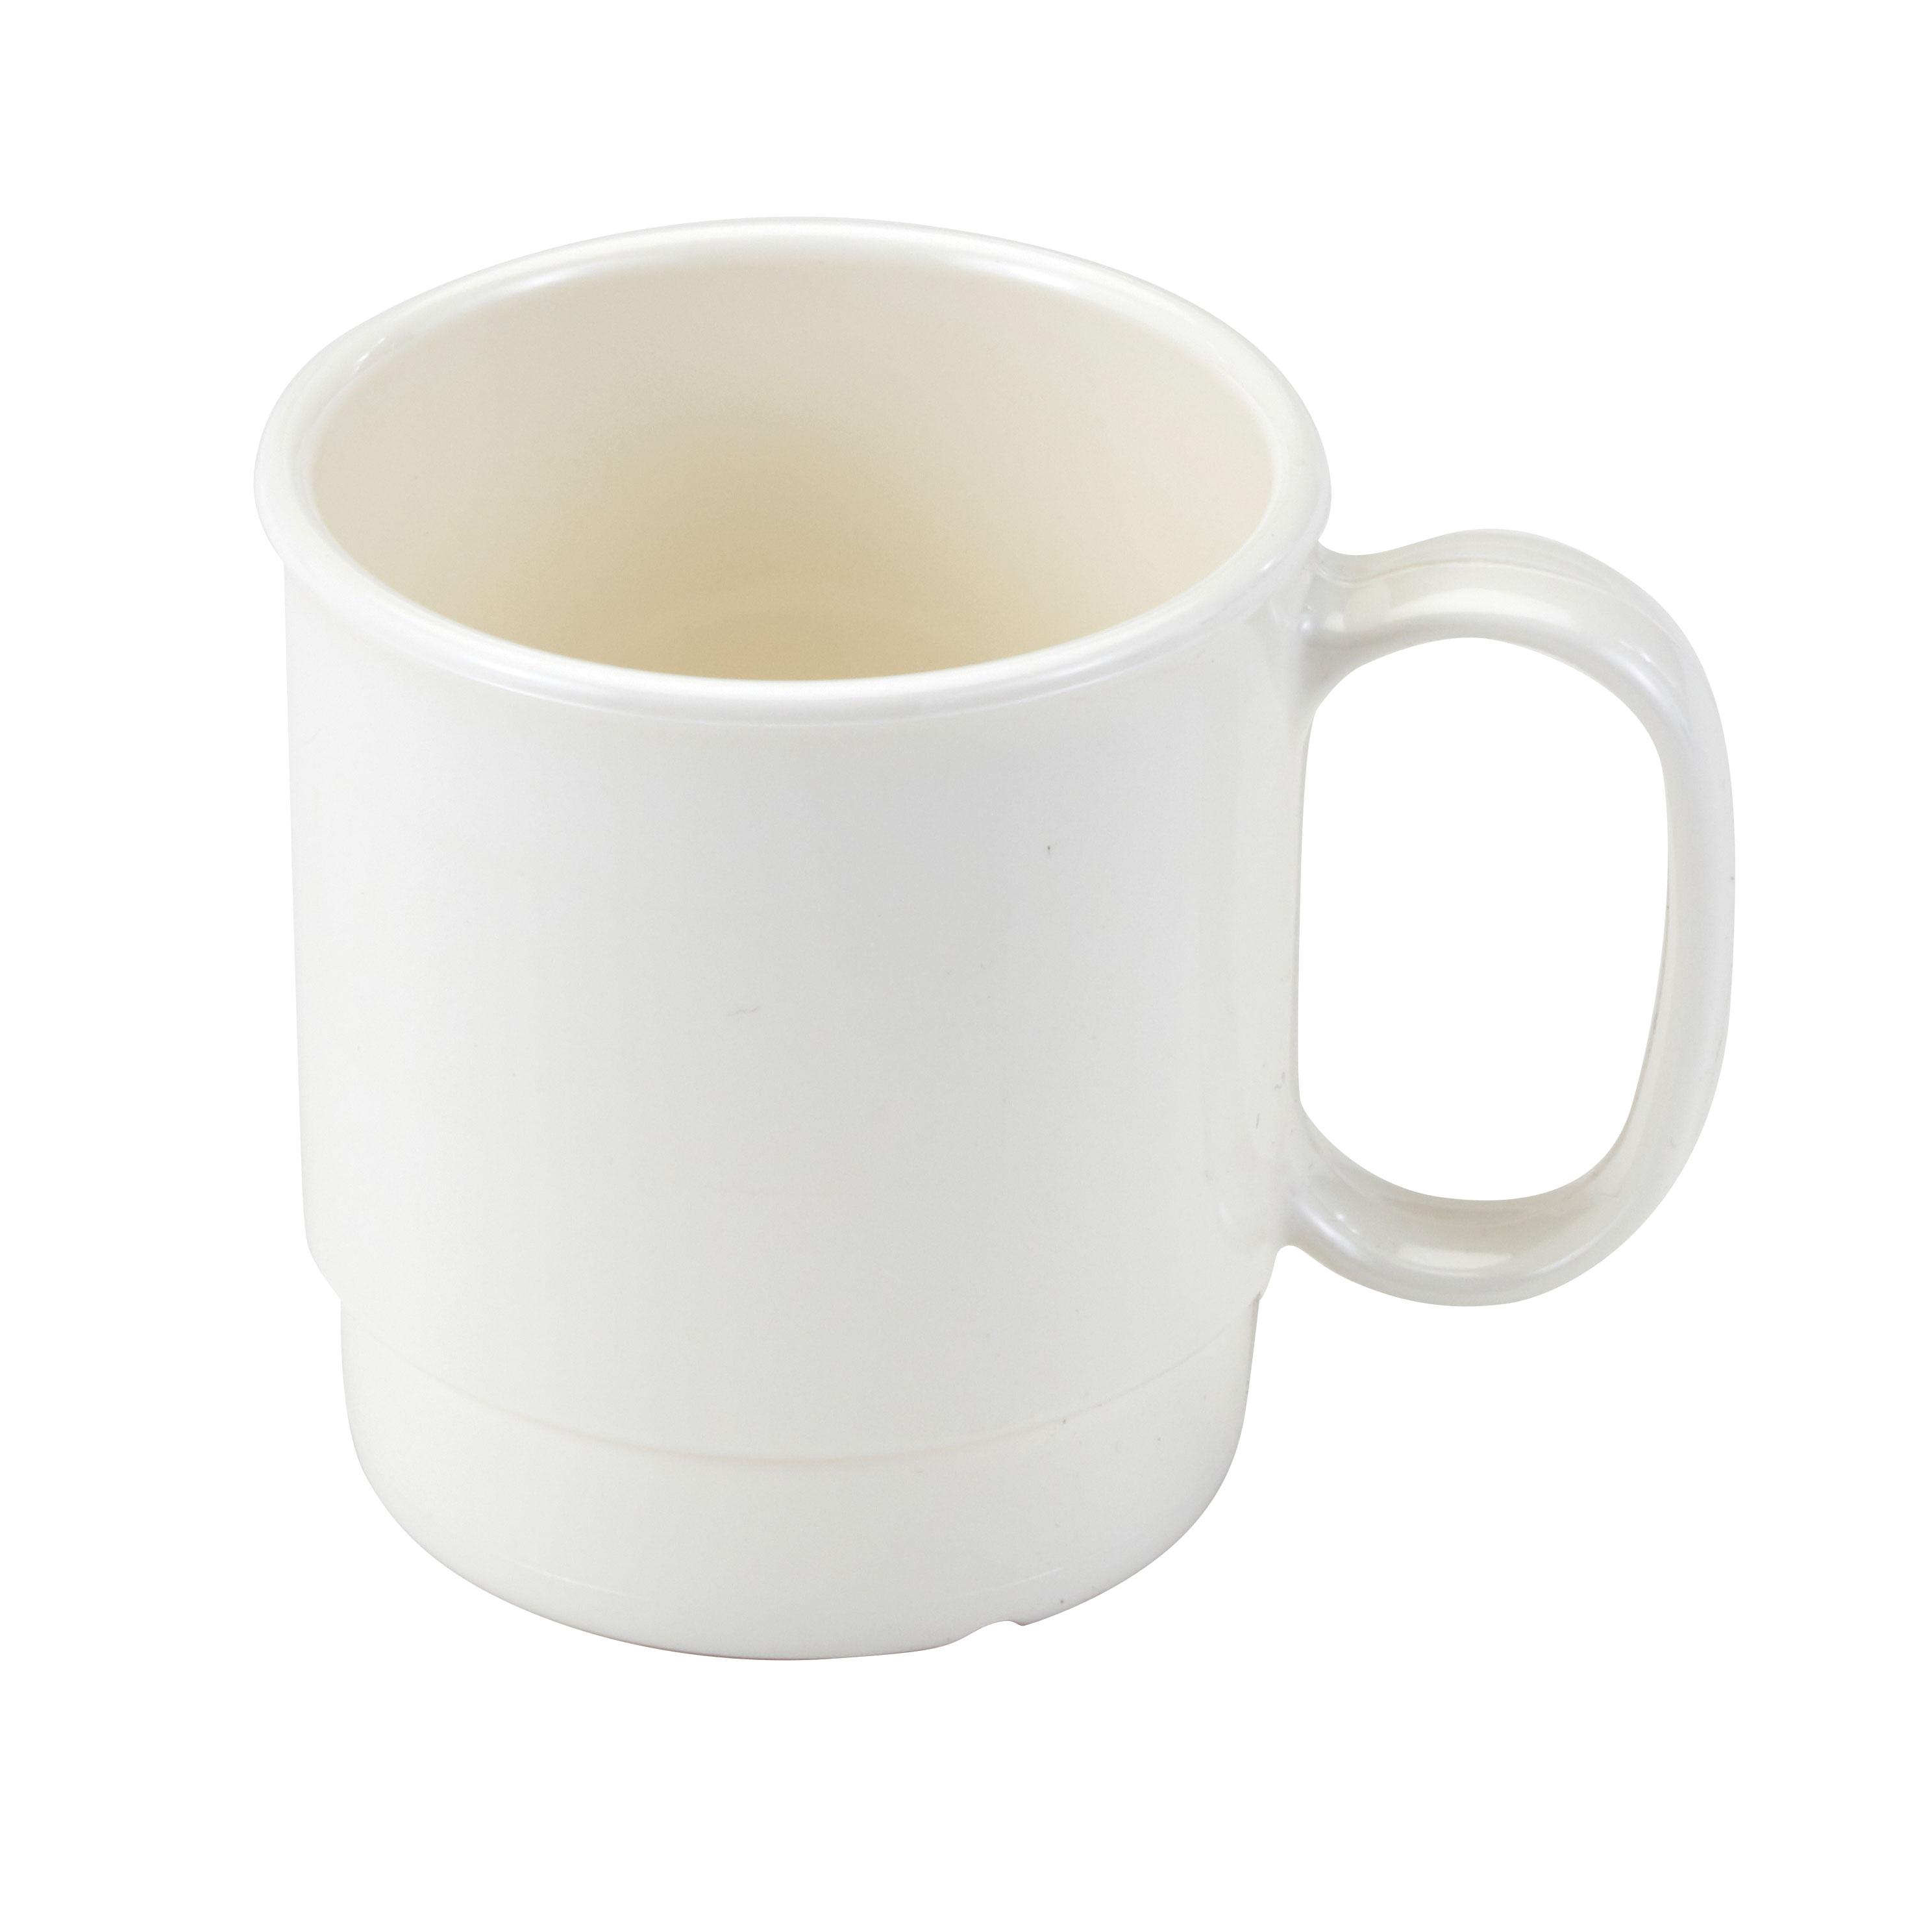 Cambro 75CW148 mugs/cups (non disposable)